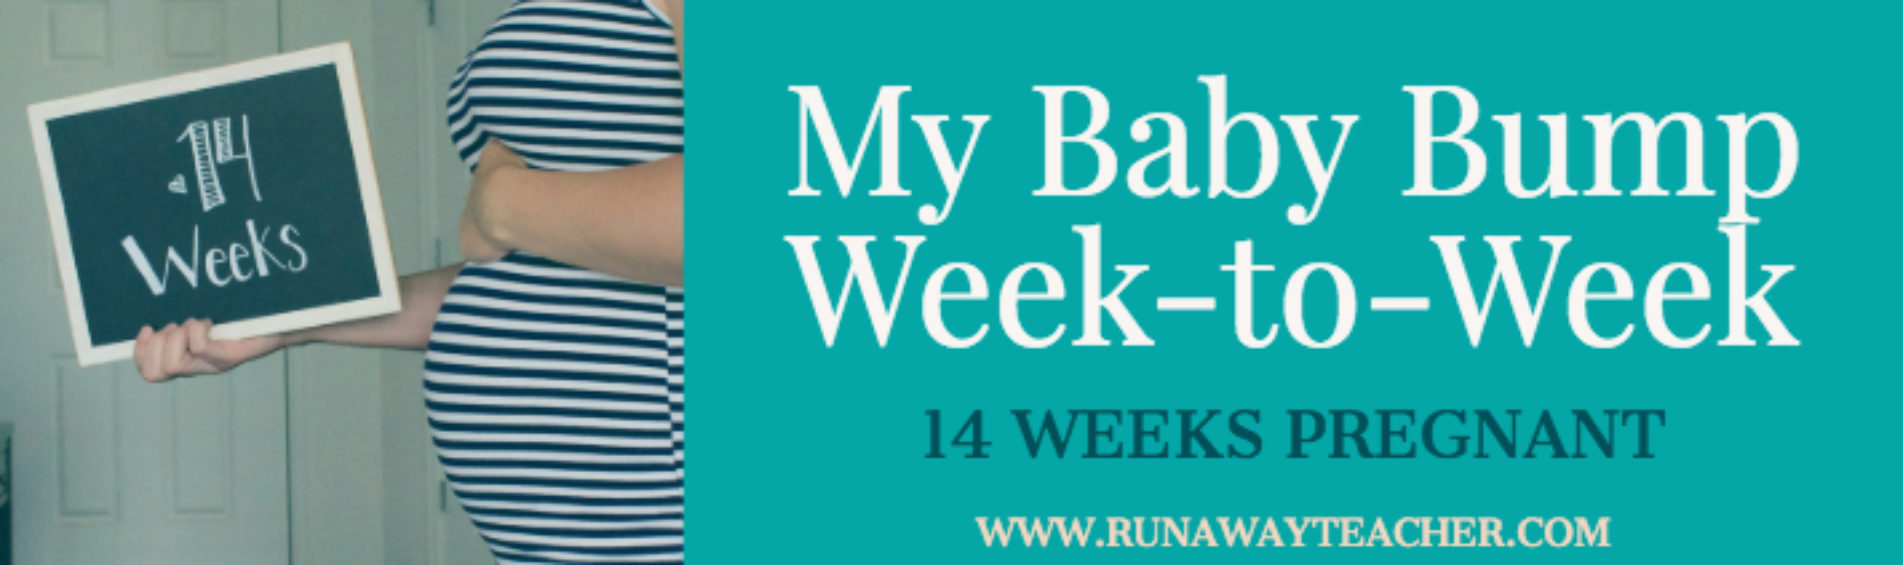 My Baby Bump Week-to-Week: 14 Weeks Pregnant